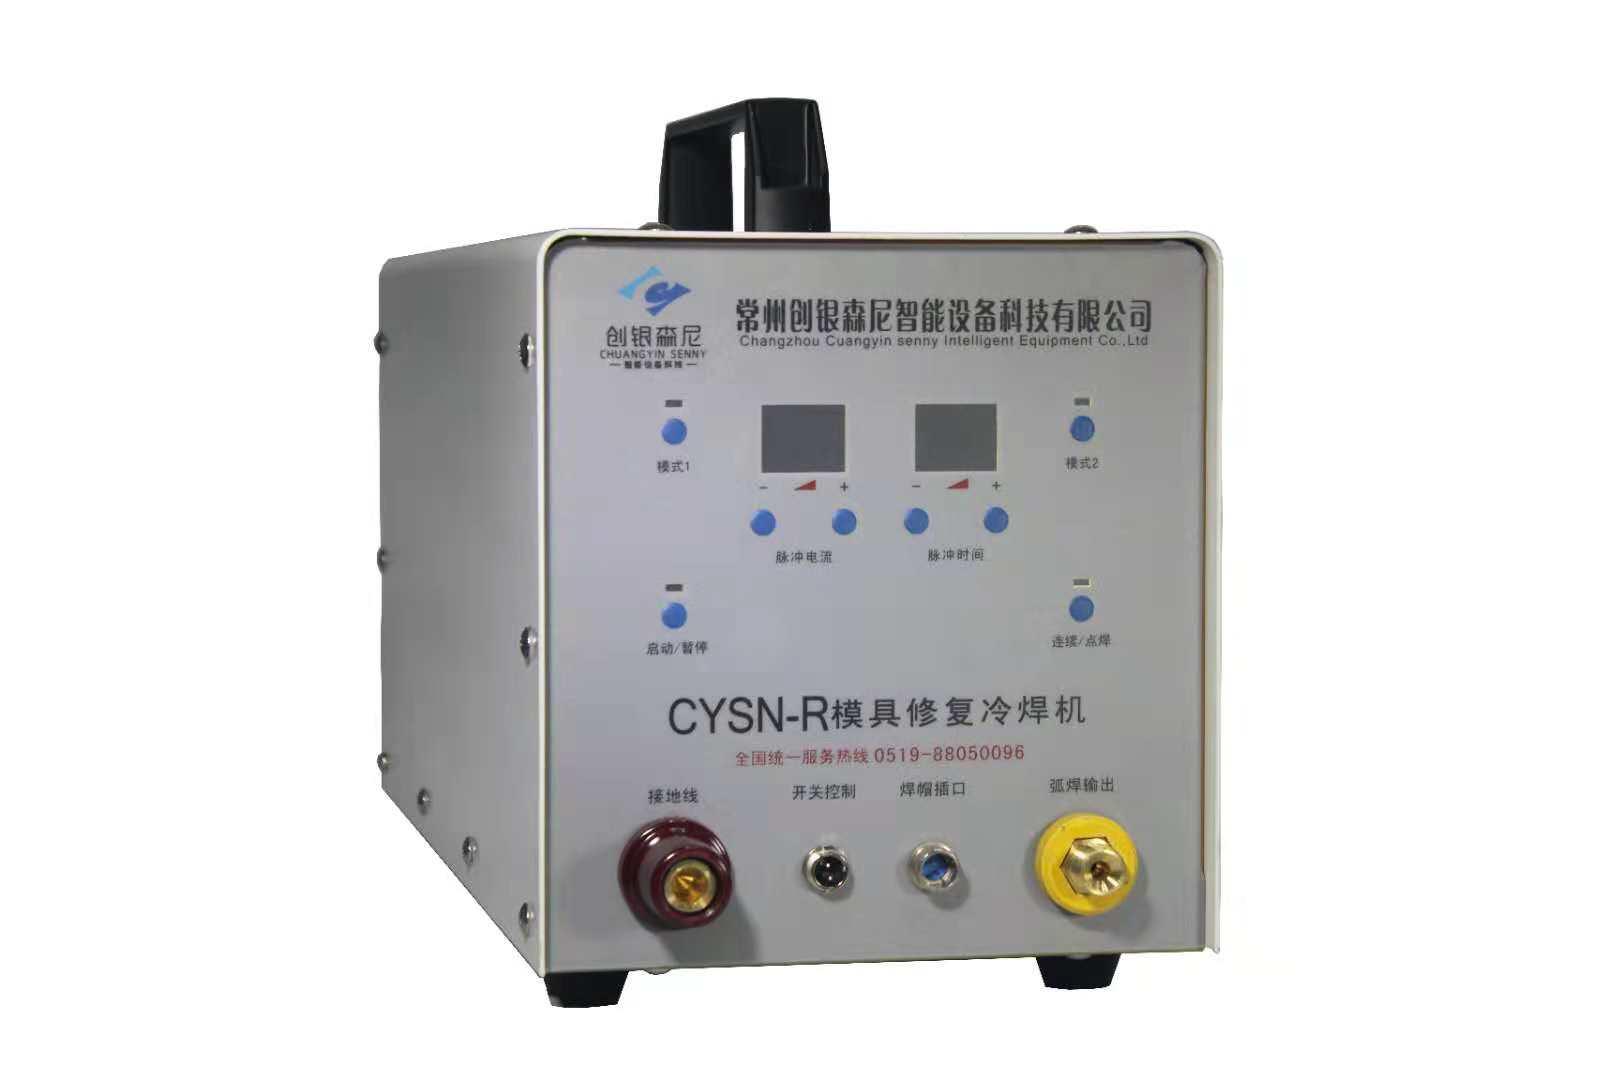 CYSN-R模具修复冷焊机